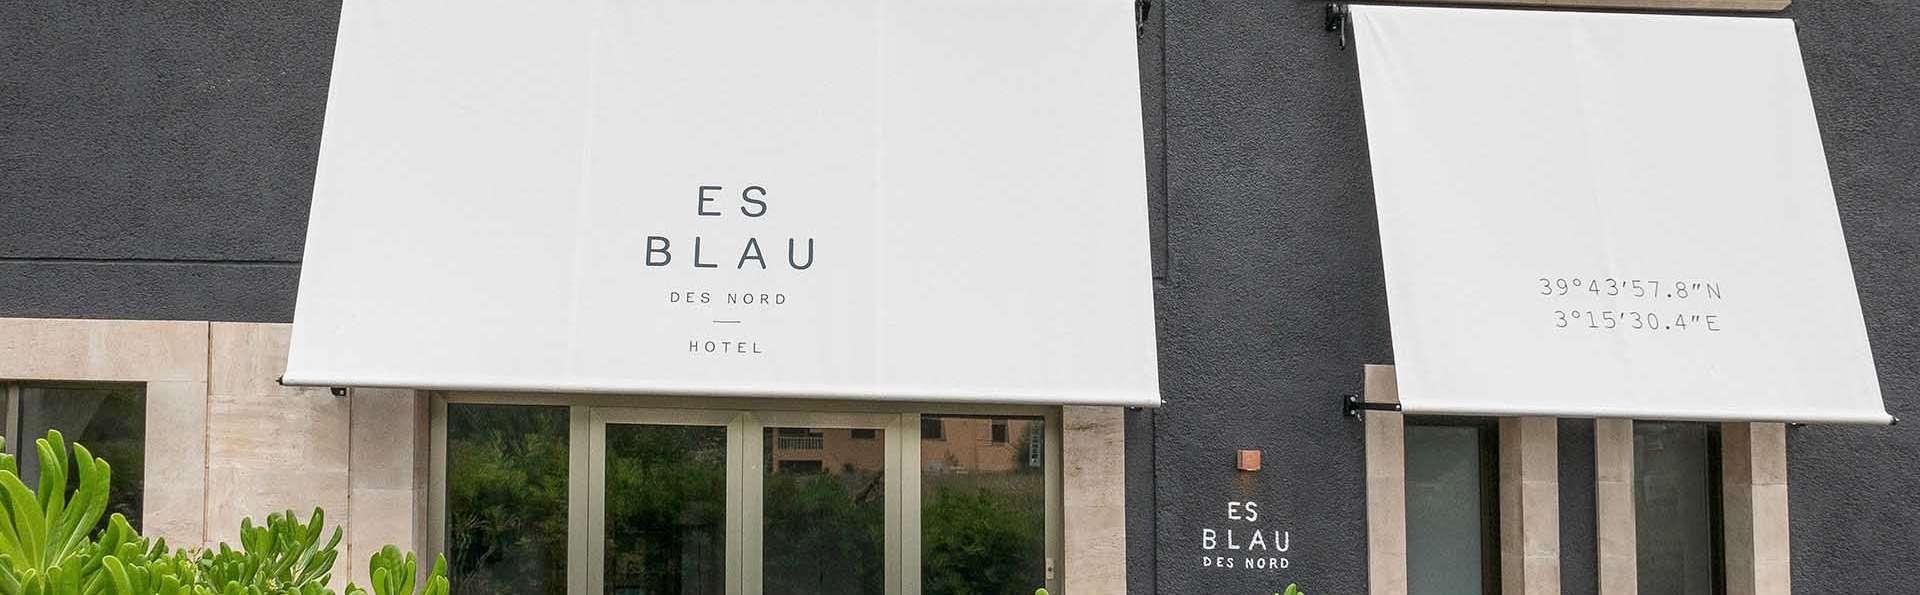 Es Blau Des Nord Hotel - P1000494.jpg